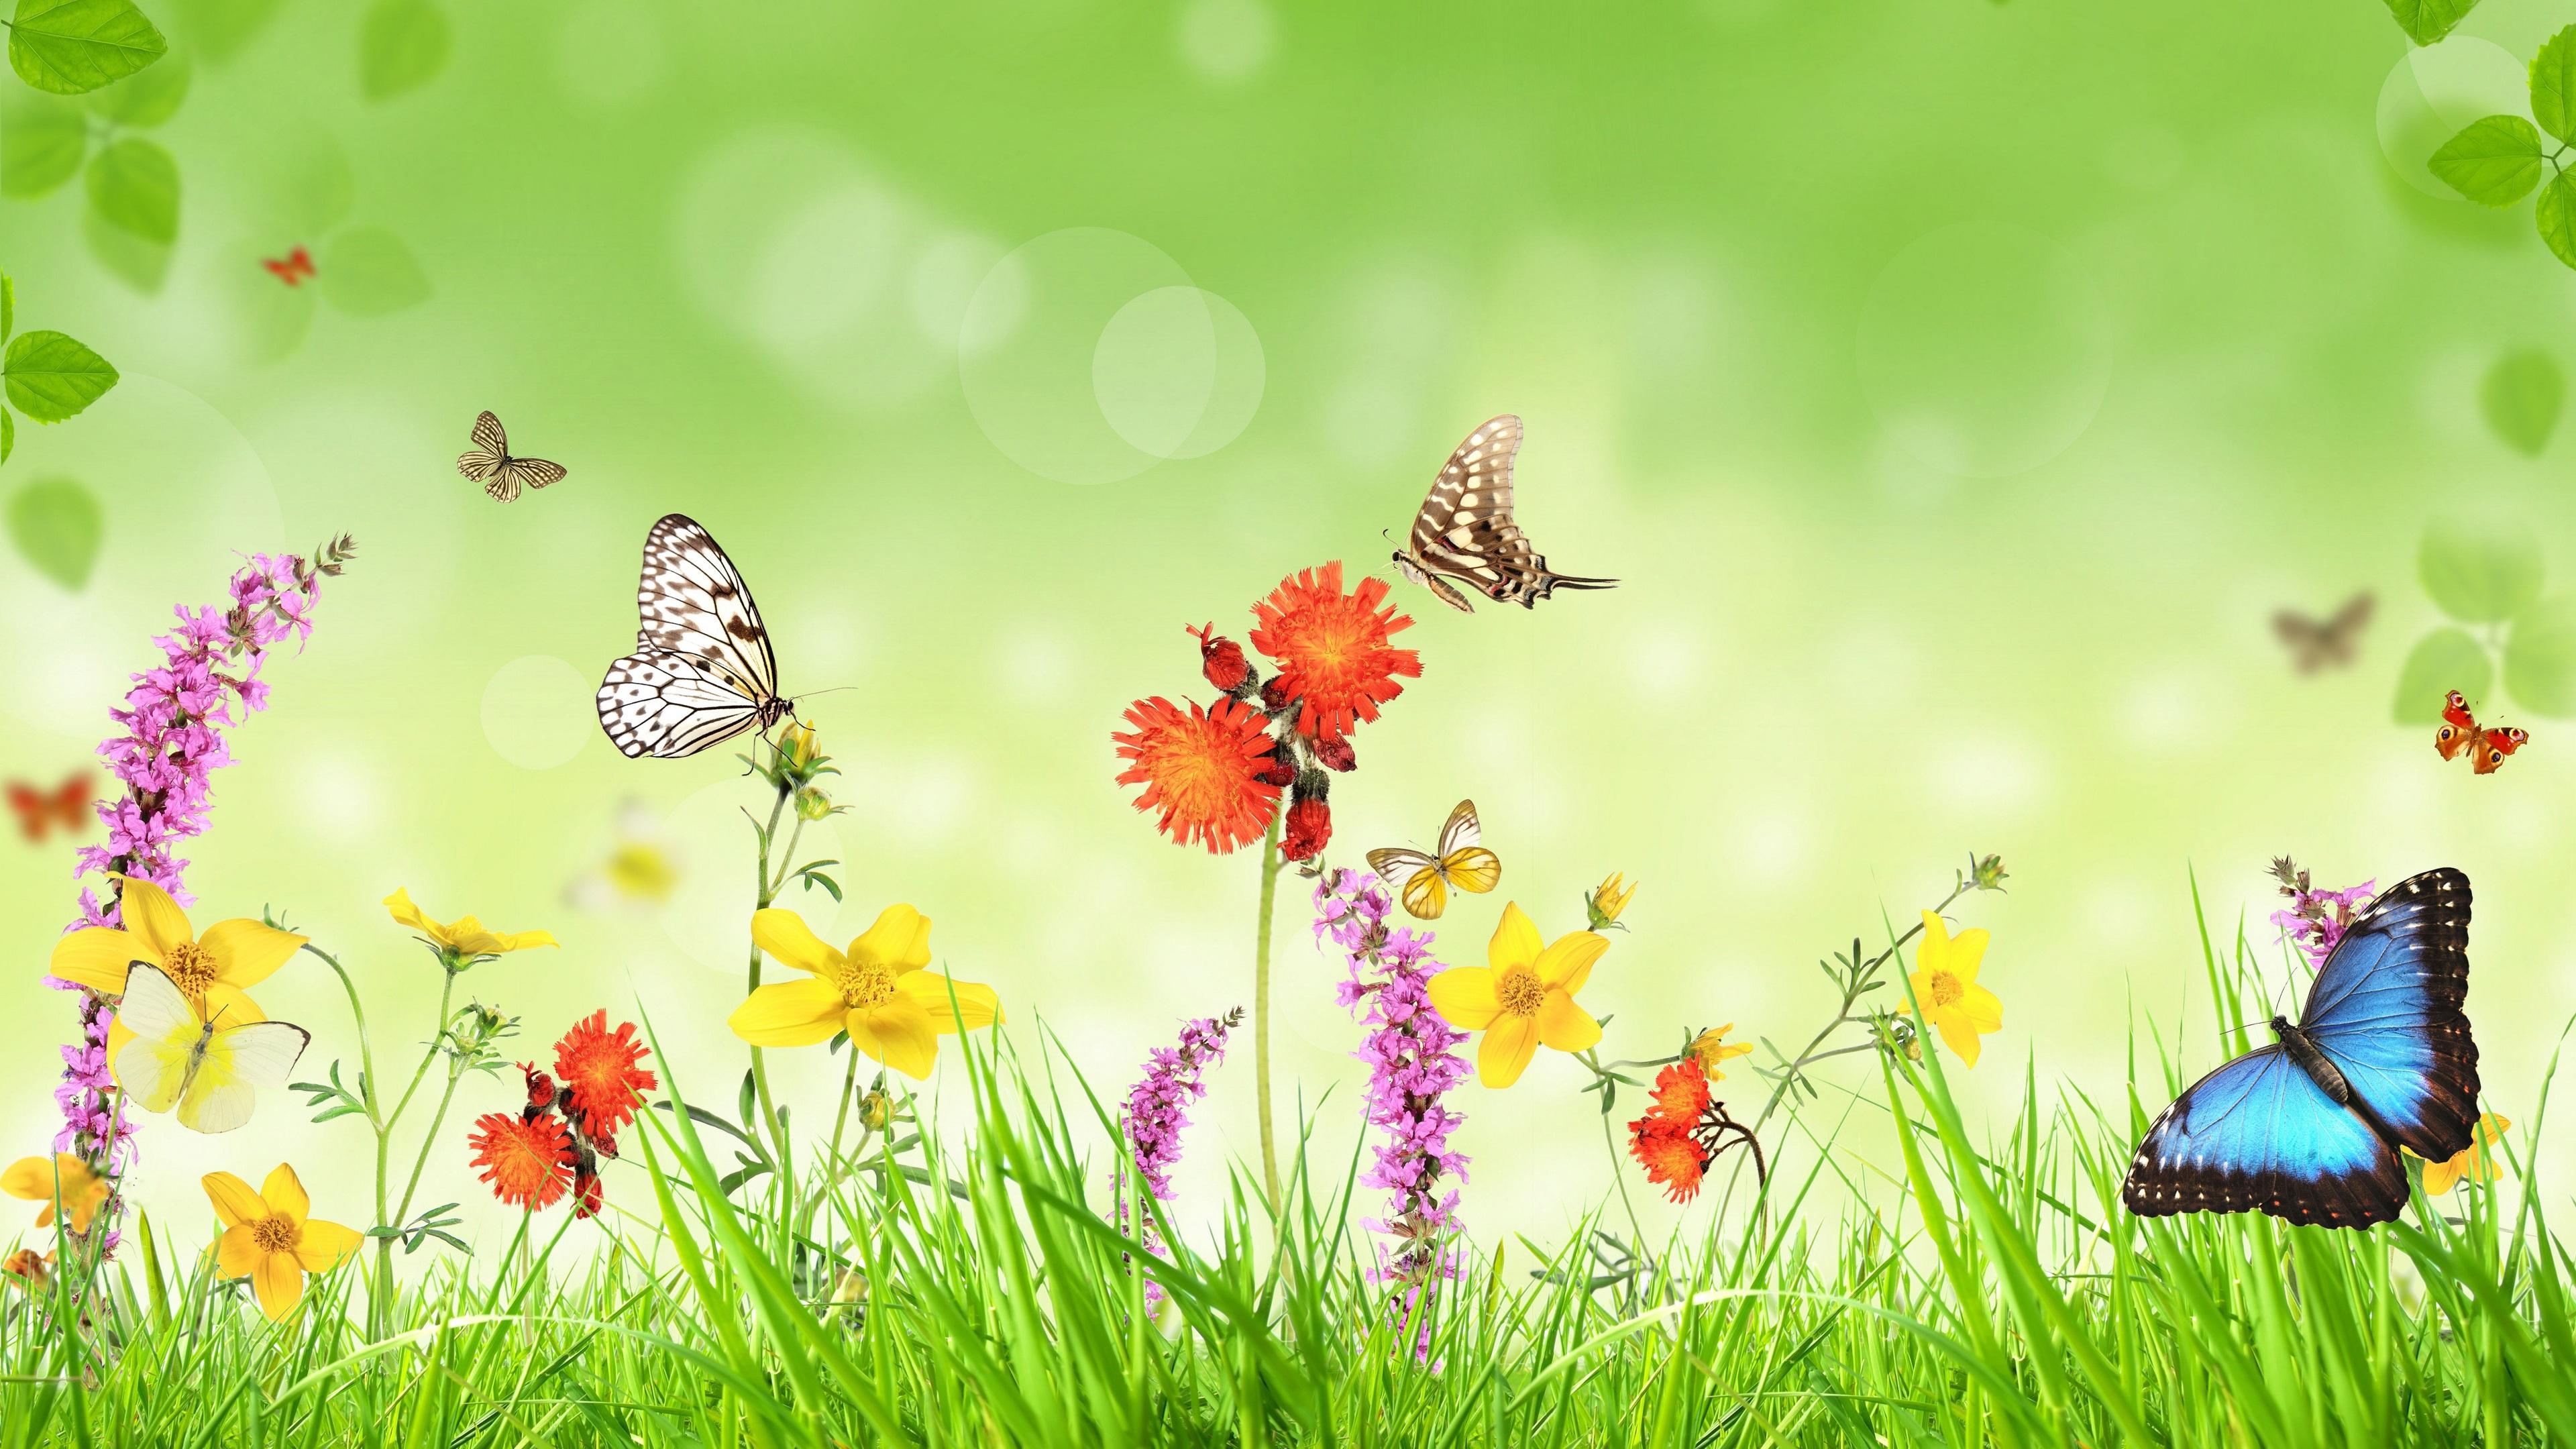 Fondos de pantalla primavera flores hierba mariposa for Fondo de pantalla primavera